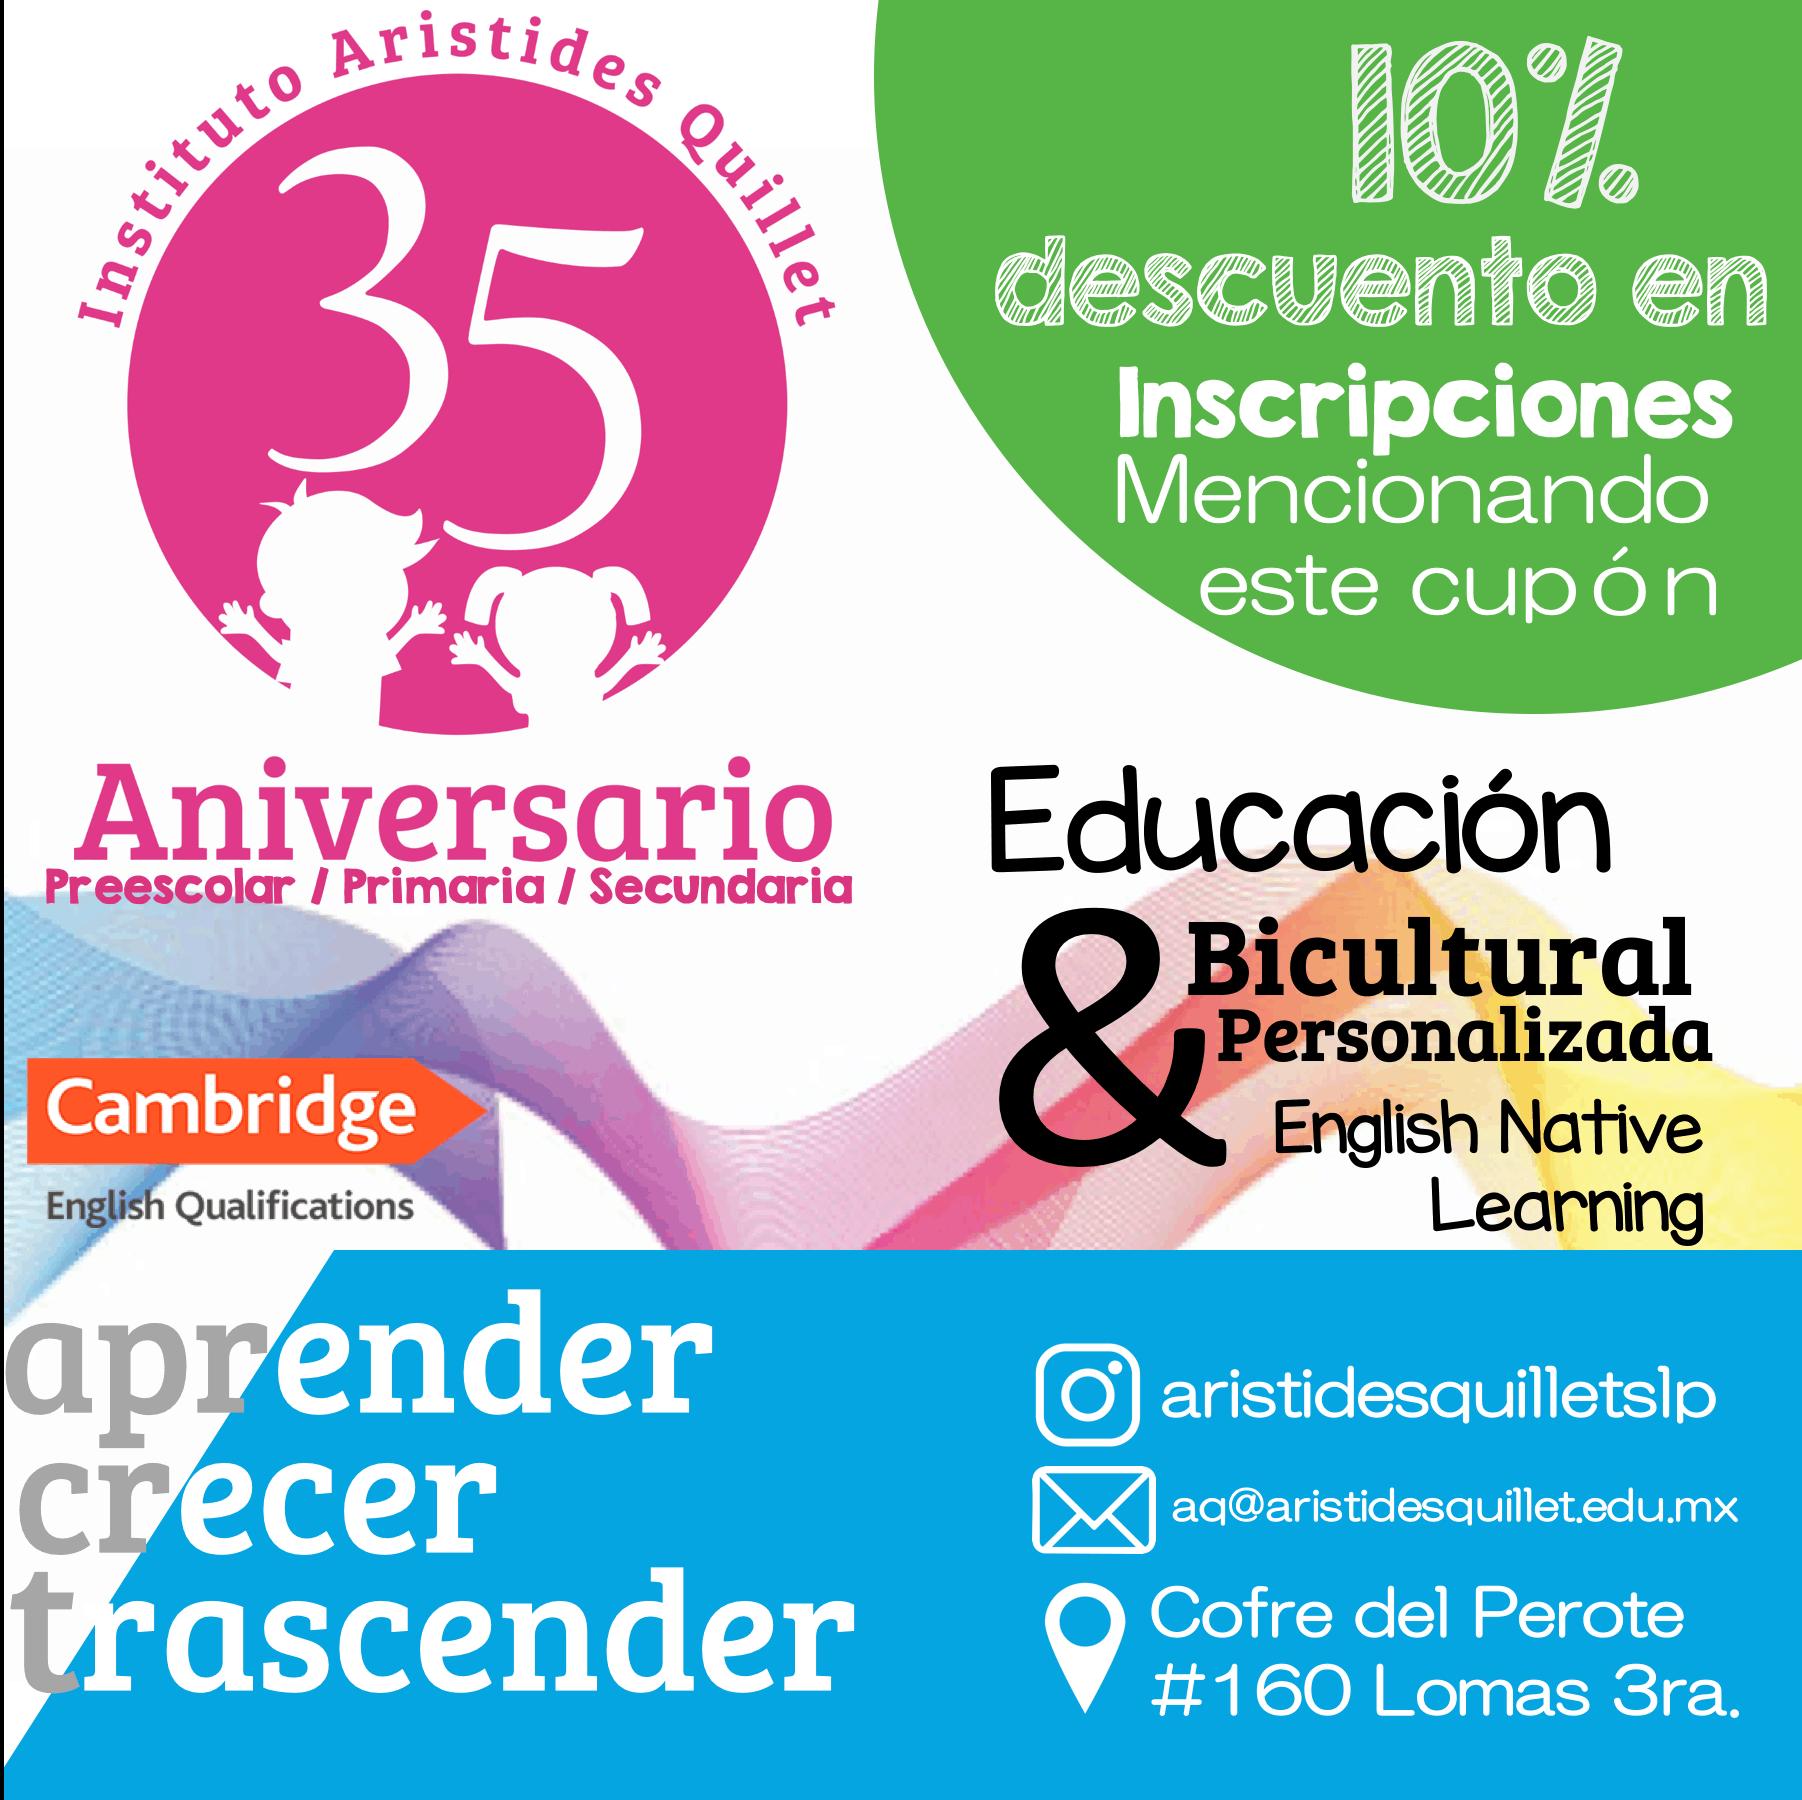 https://www.facebook.com/Instituto-Aristides-Quillet-AC-240910376019296